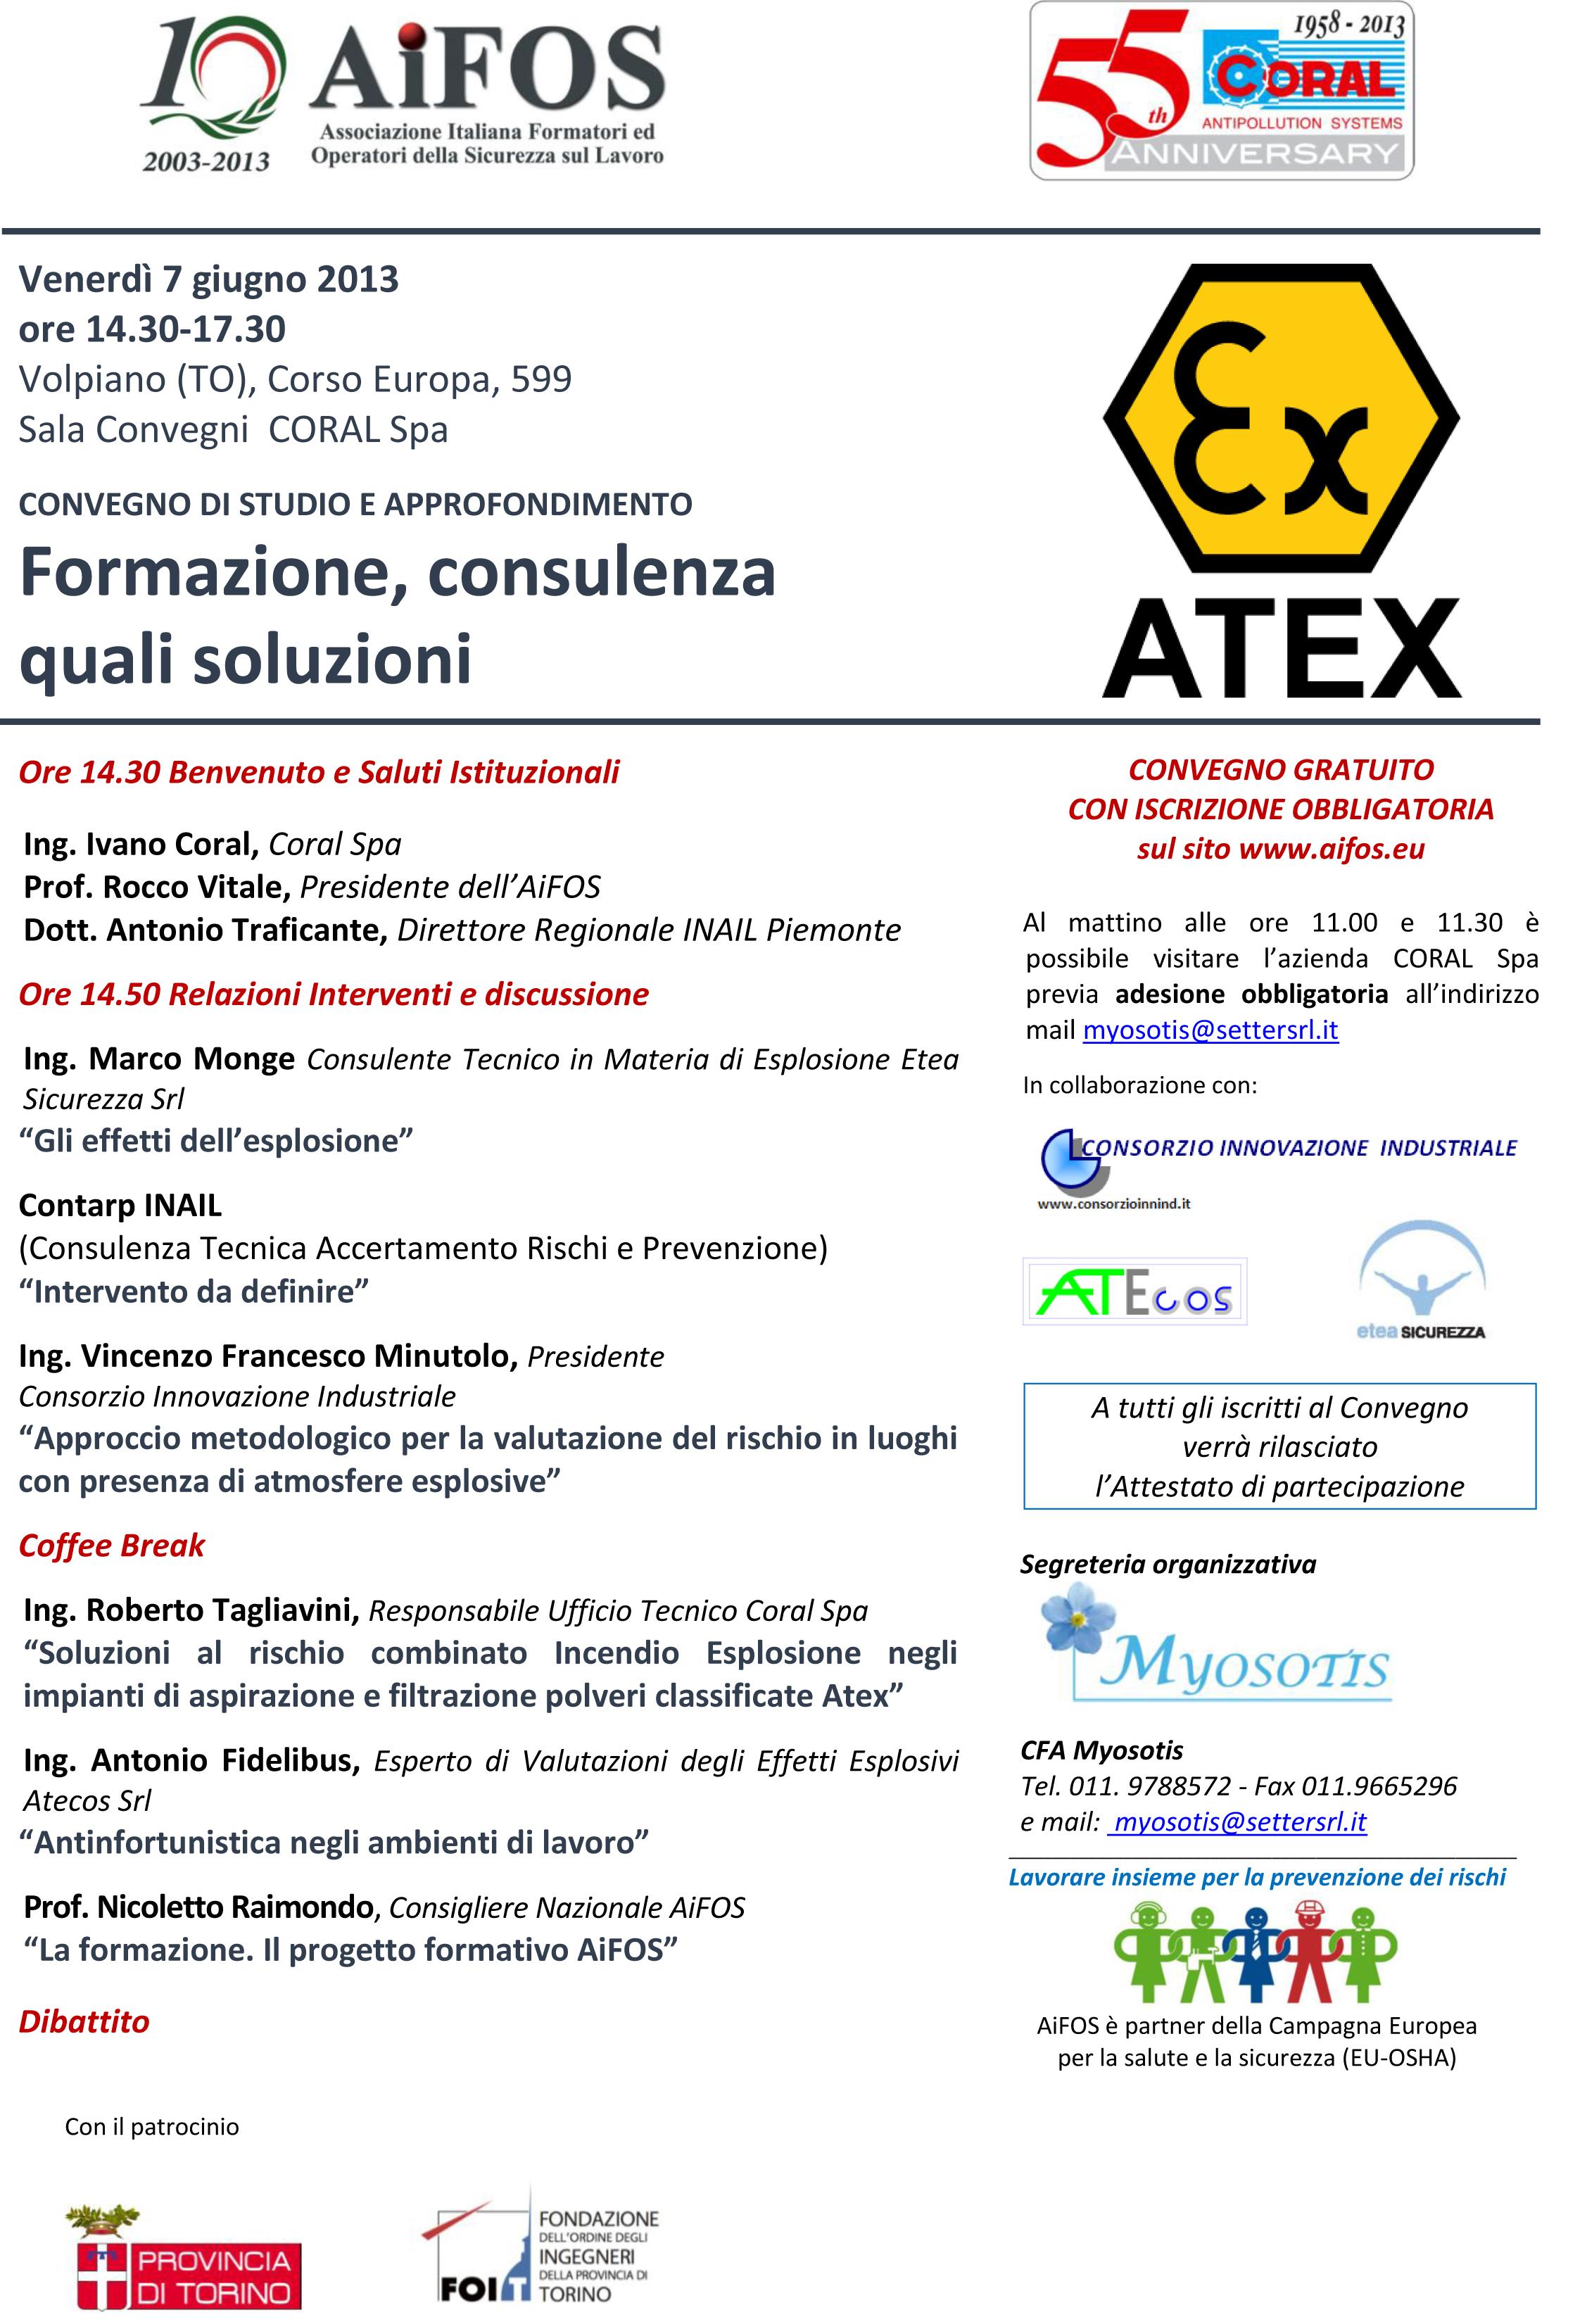 06_2013-ATEX